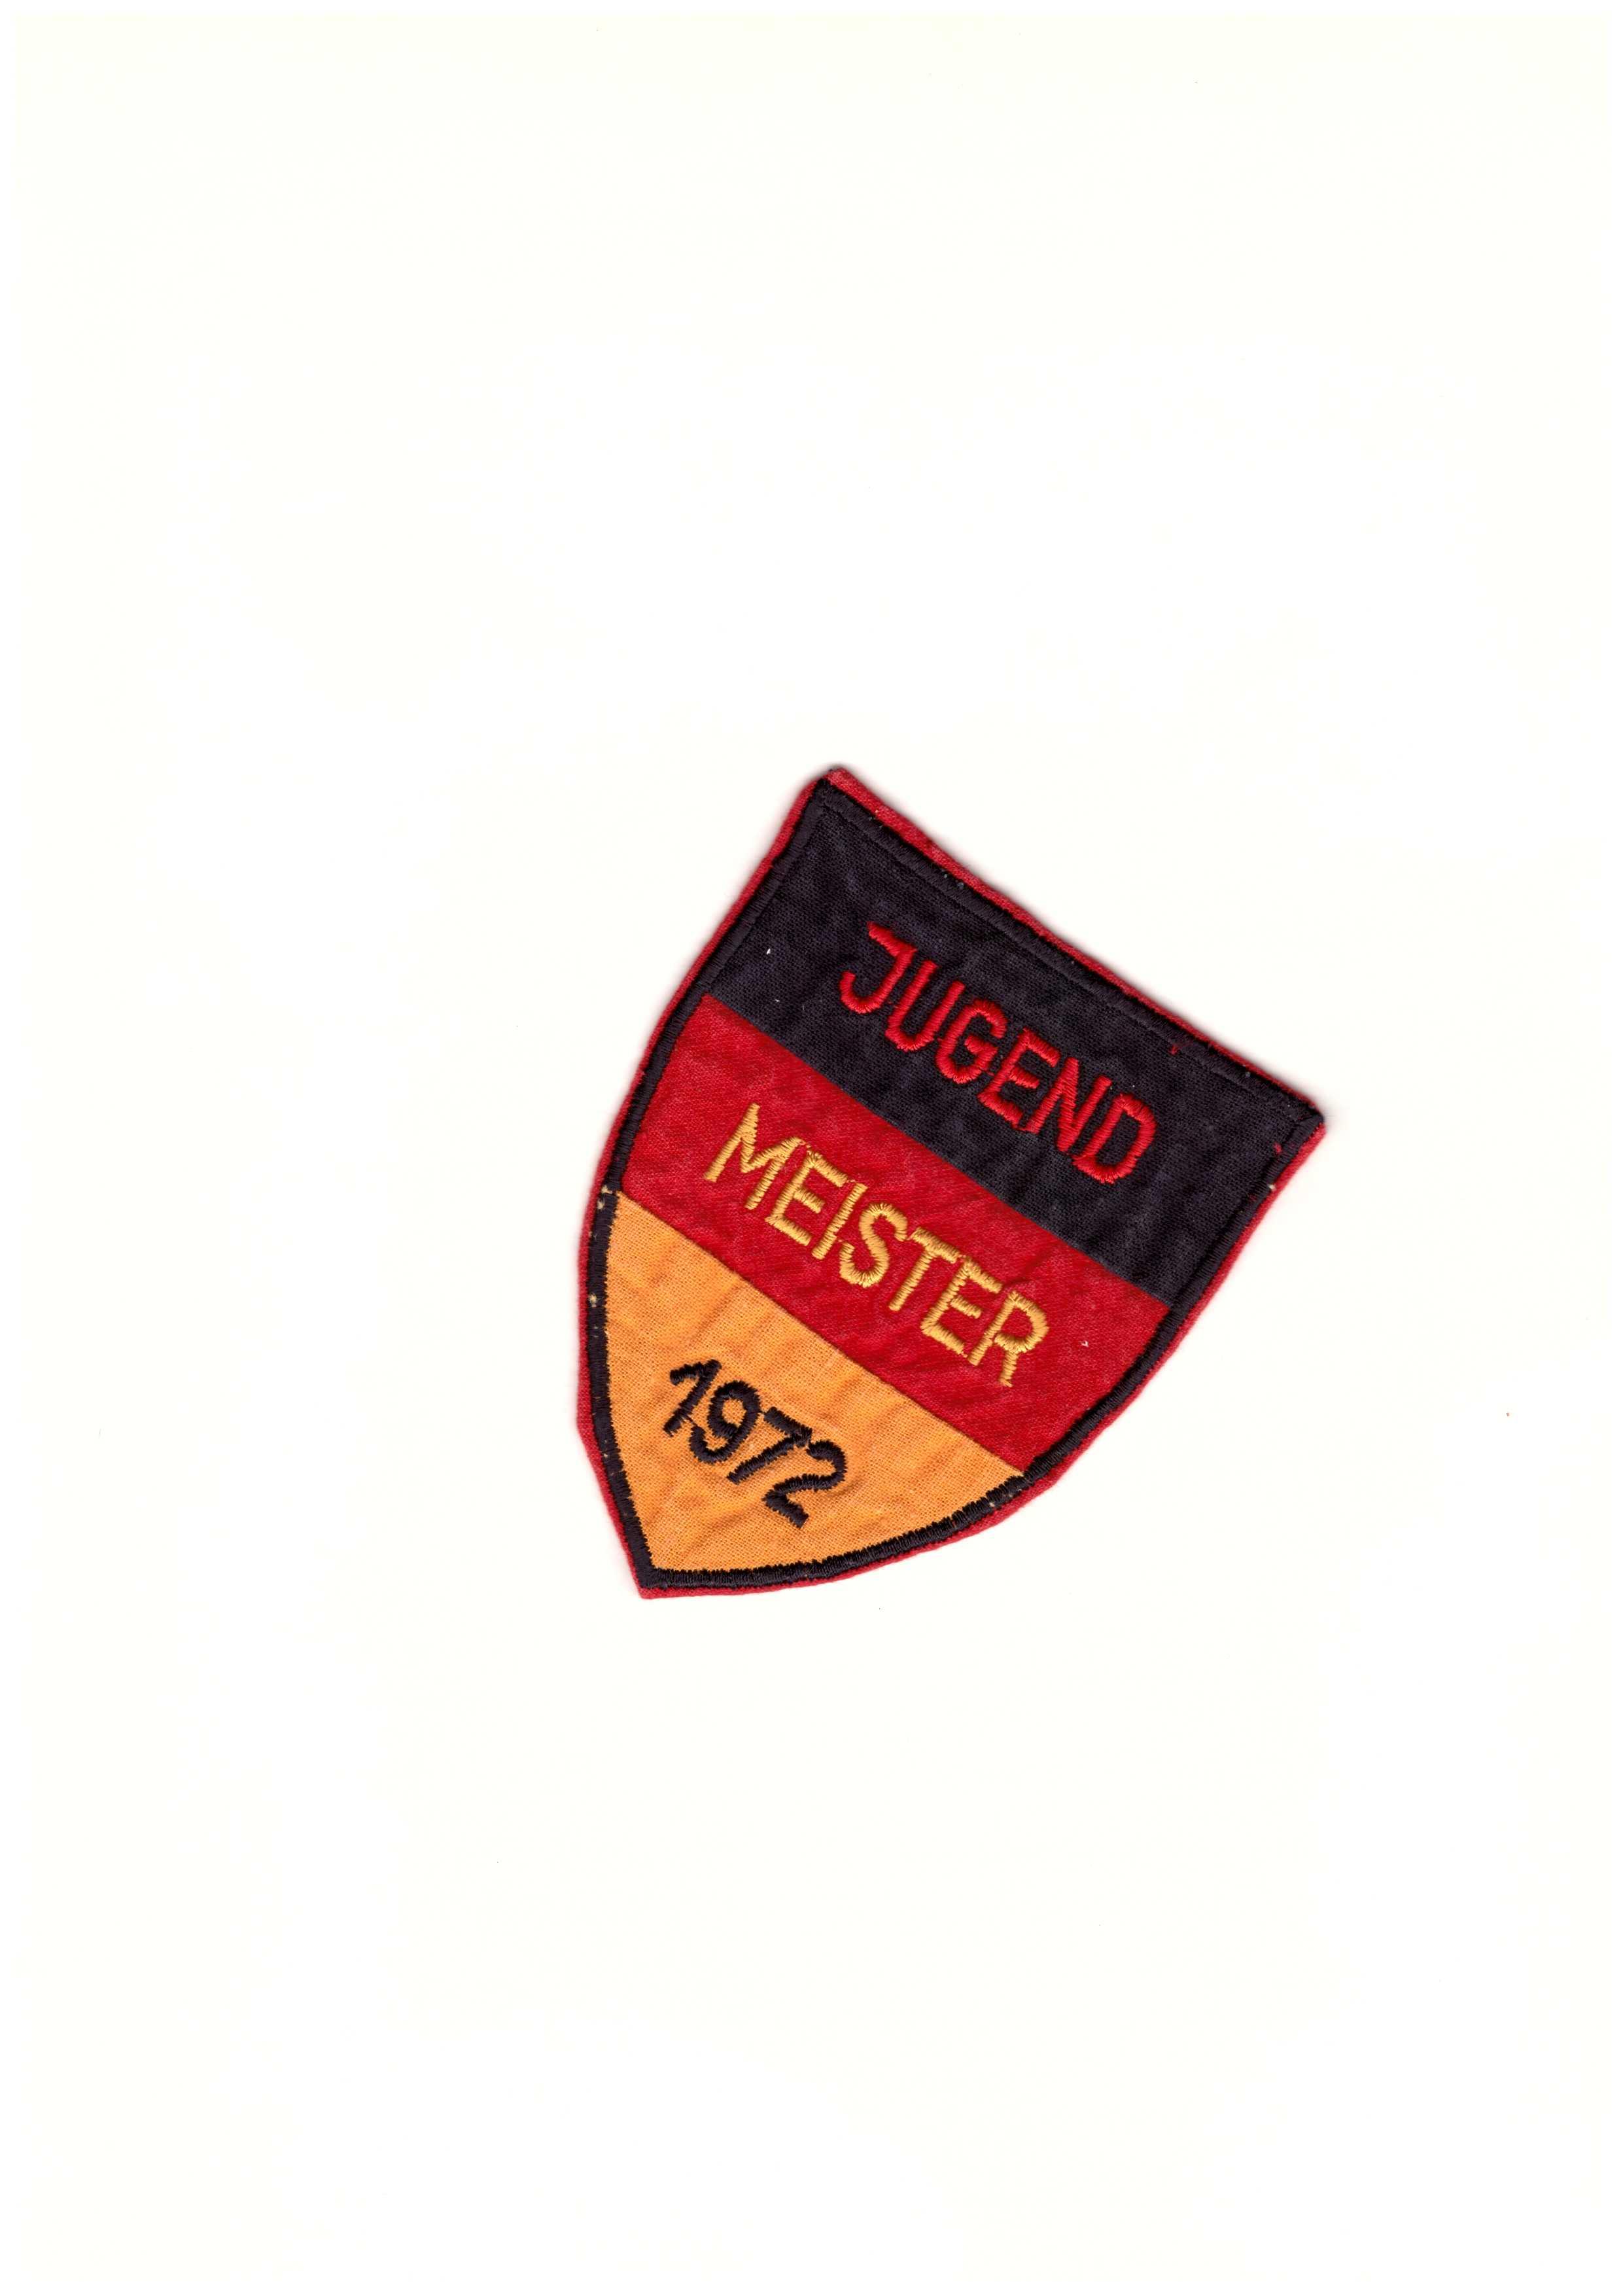 Patch-Jugendmeister-1972